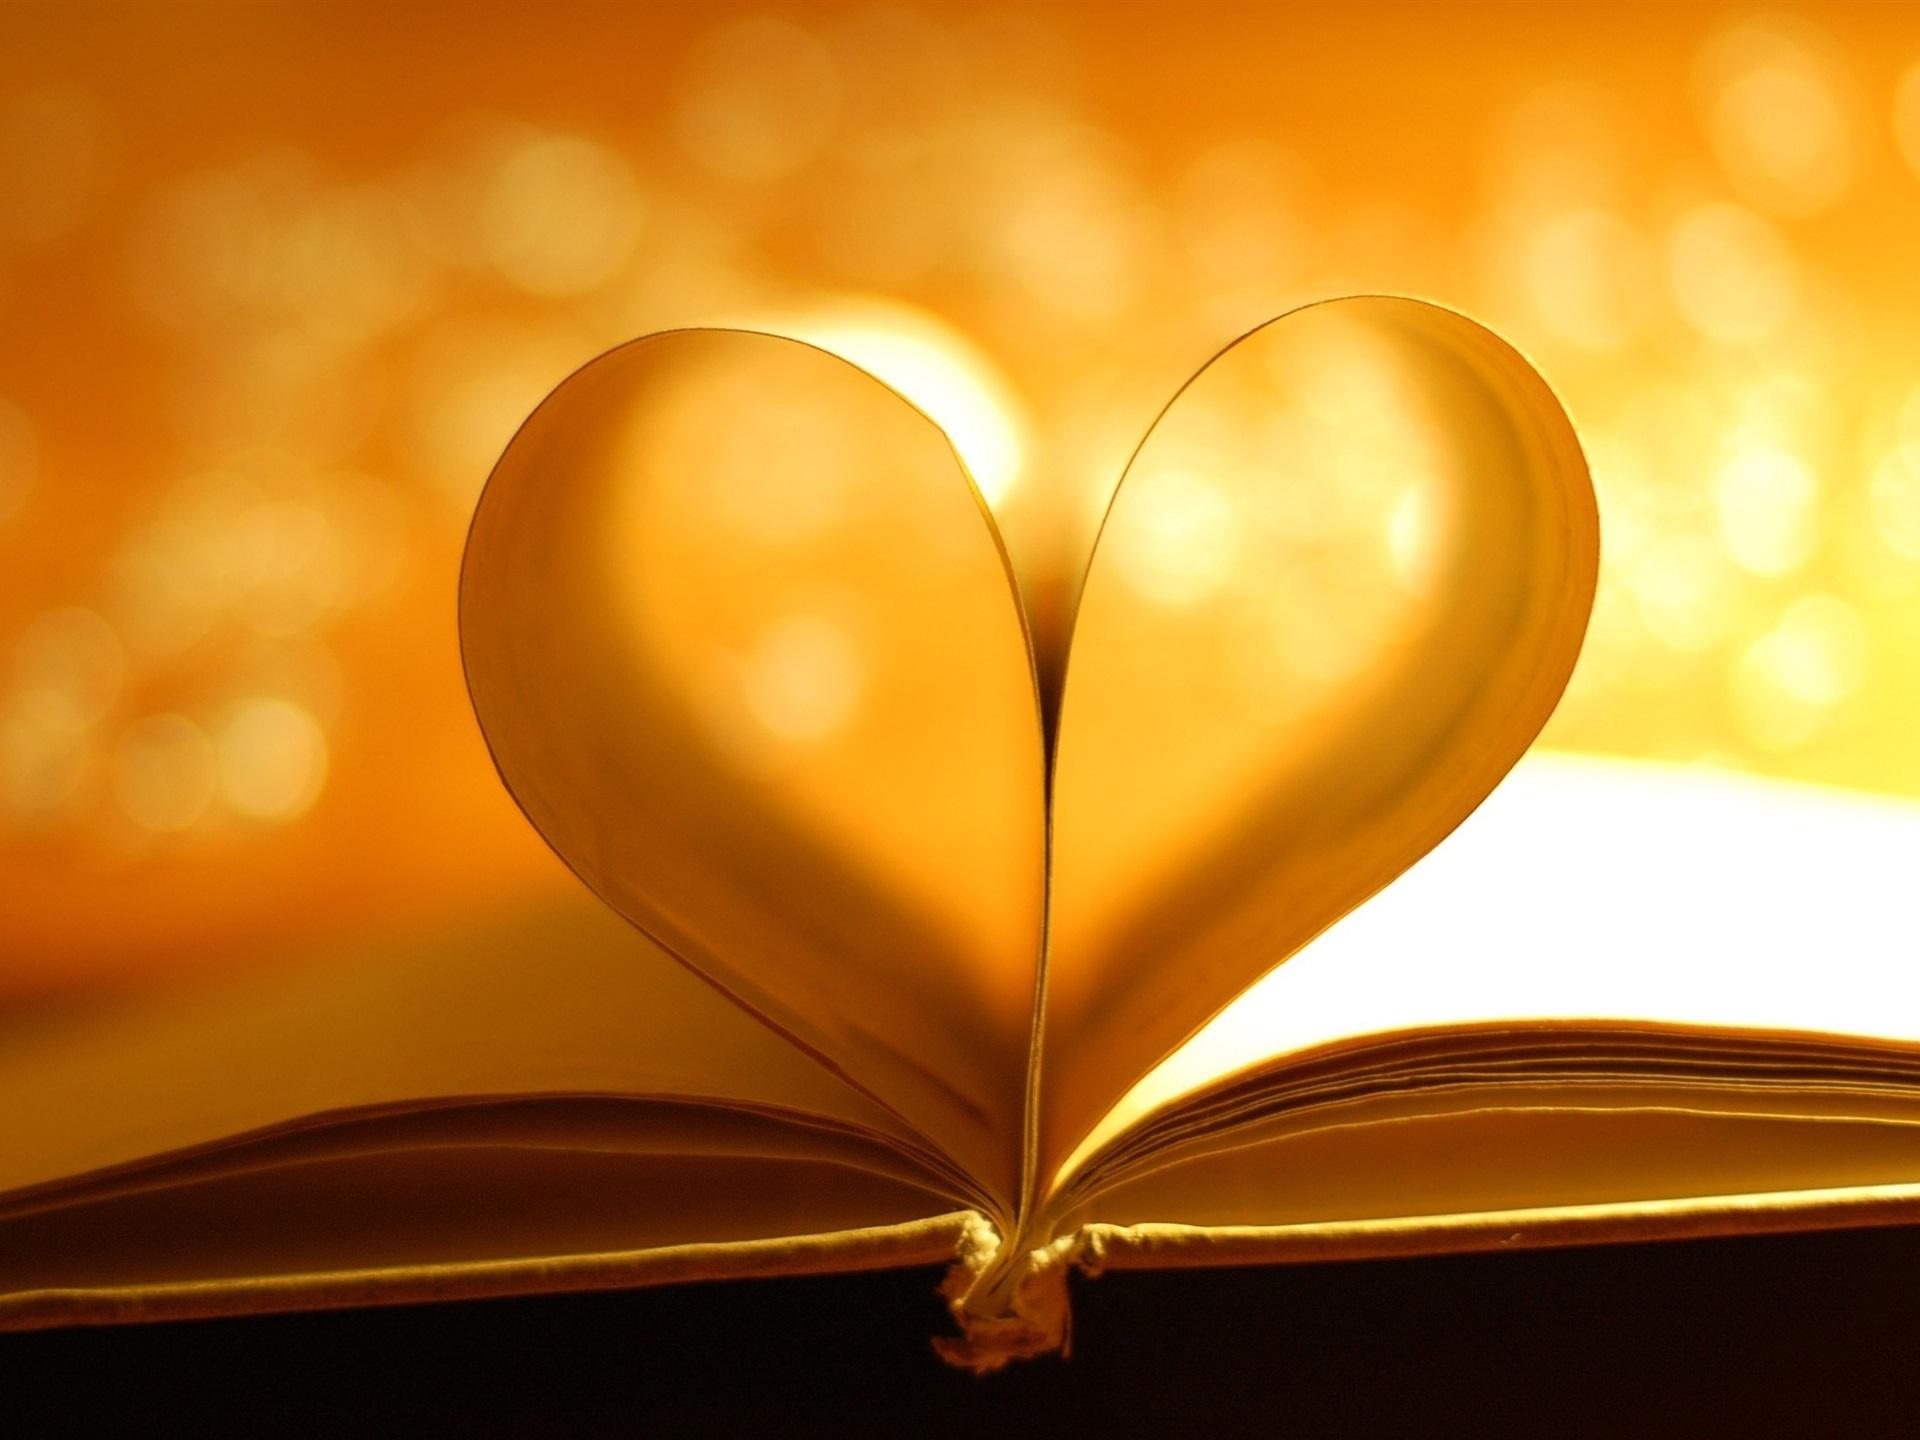 Любовь к книге в картинках